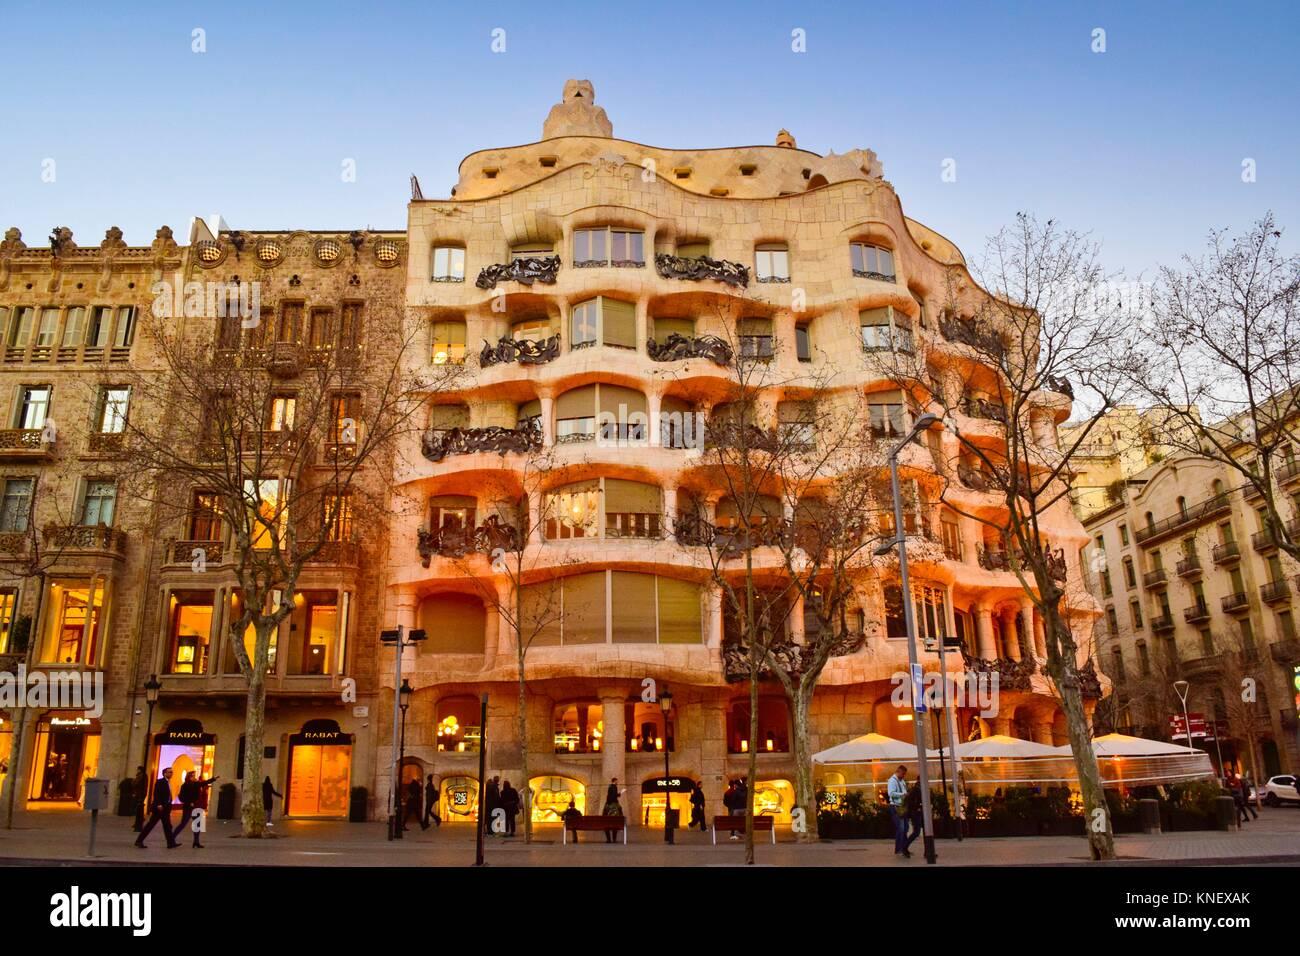 Casa mila passeig de gracia casa mila stock photos casa mila passeig de gracia casa mila stock - Casa en catalan ...